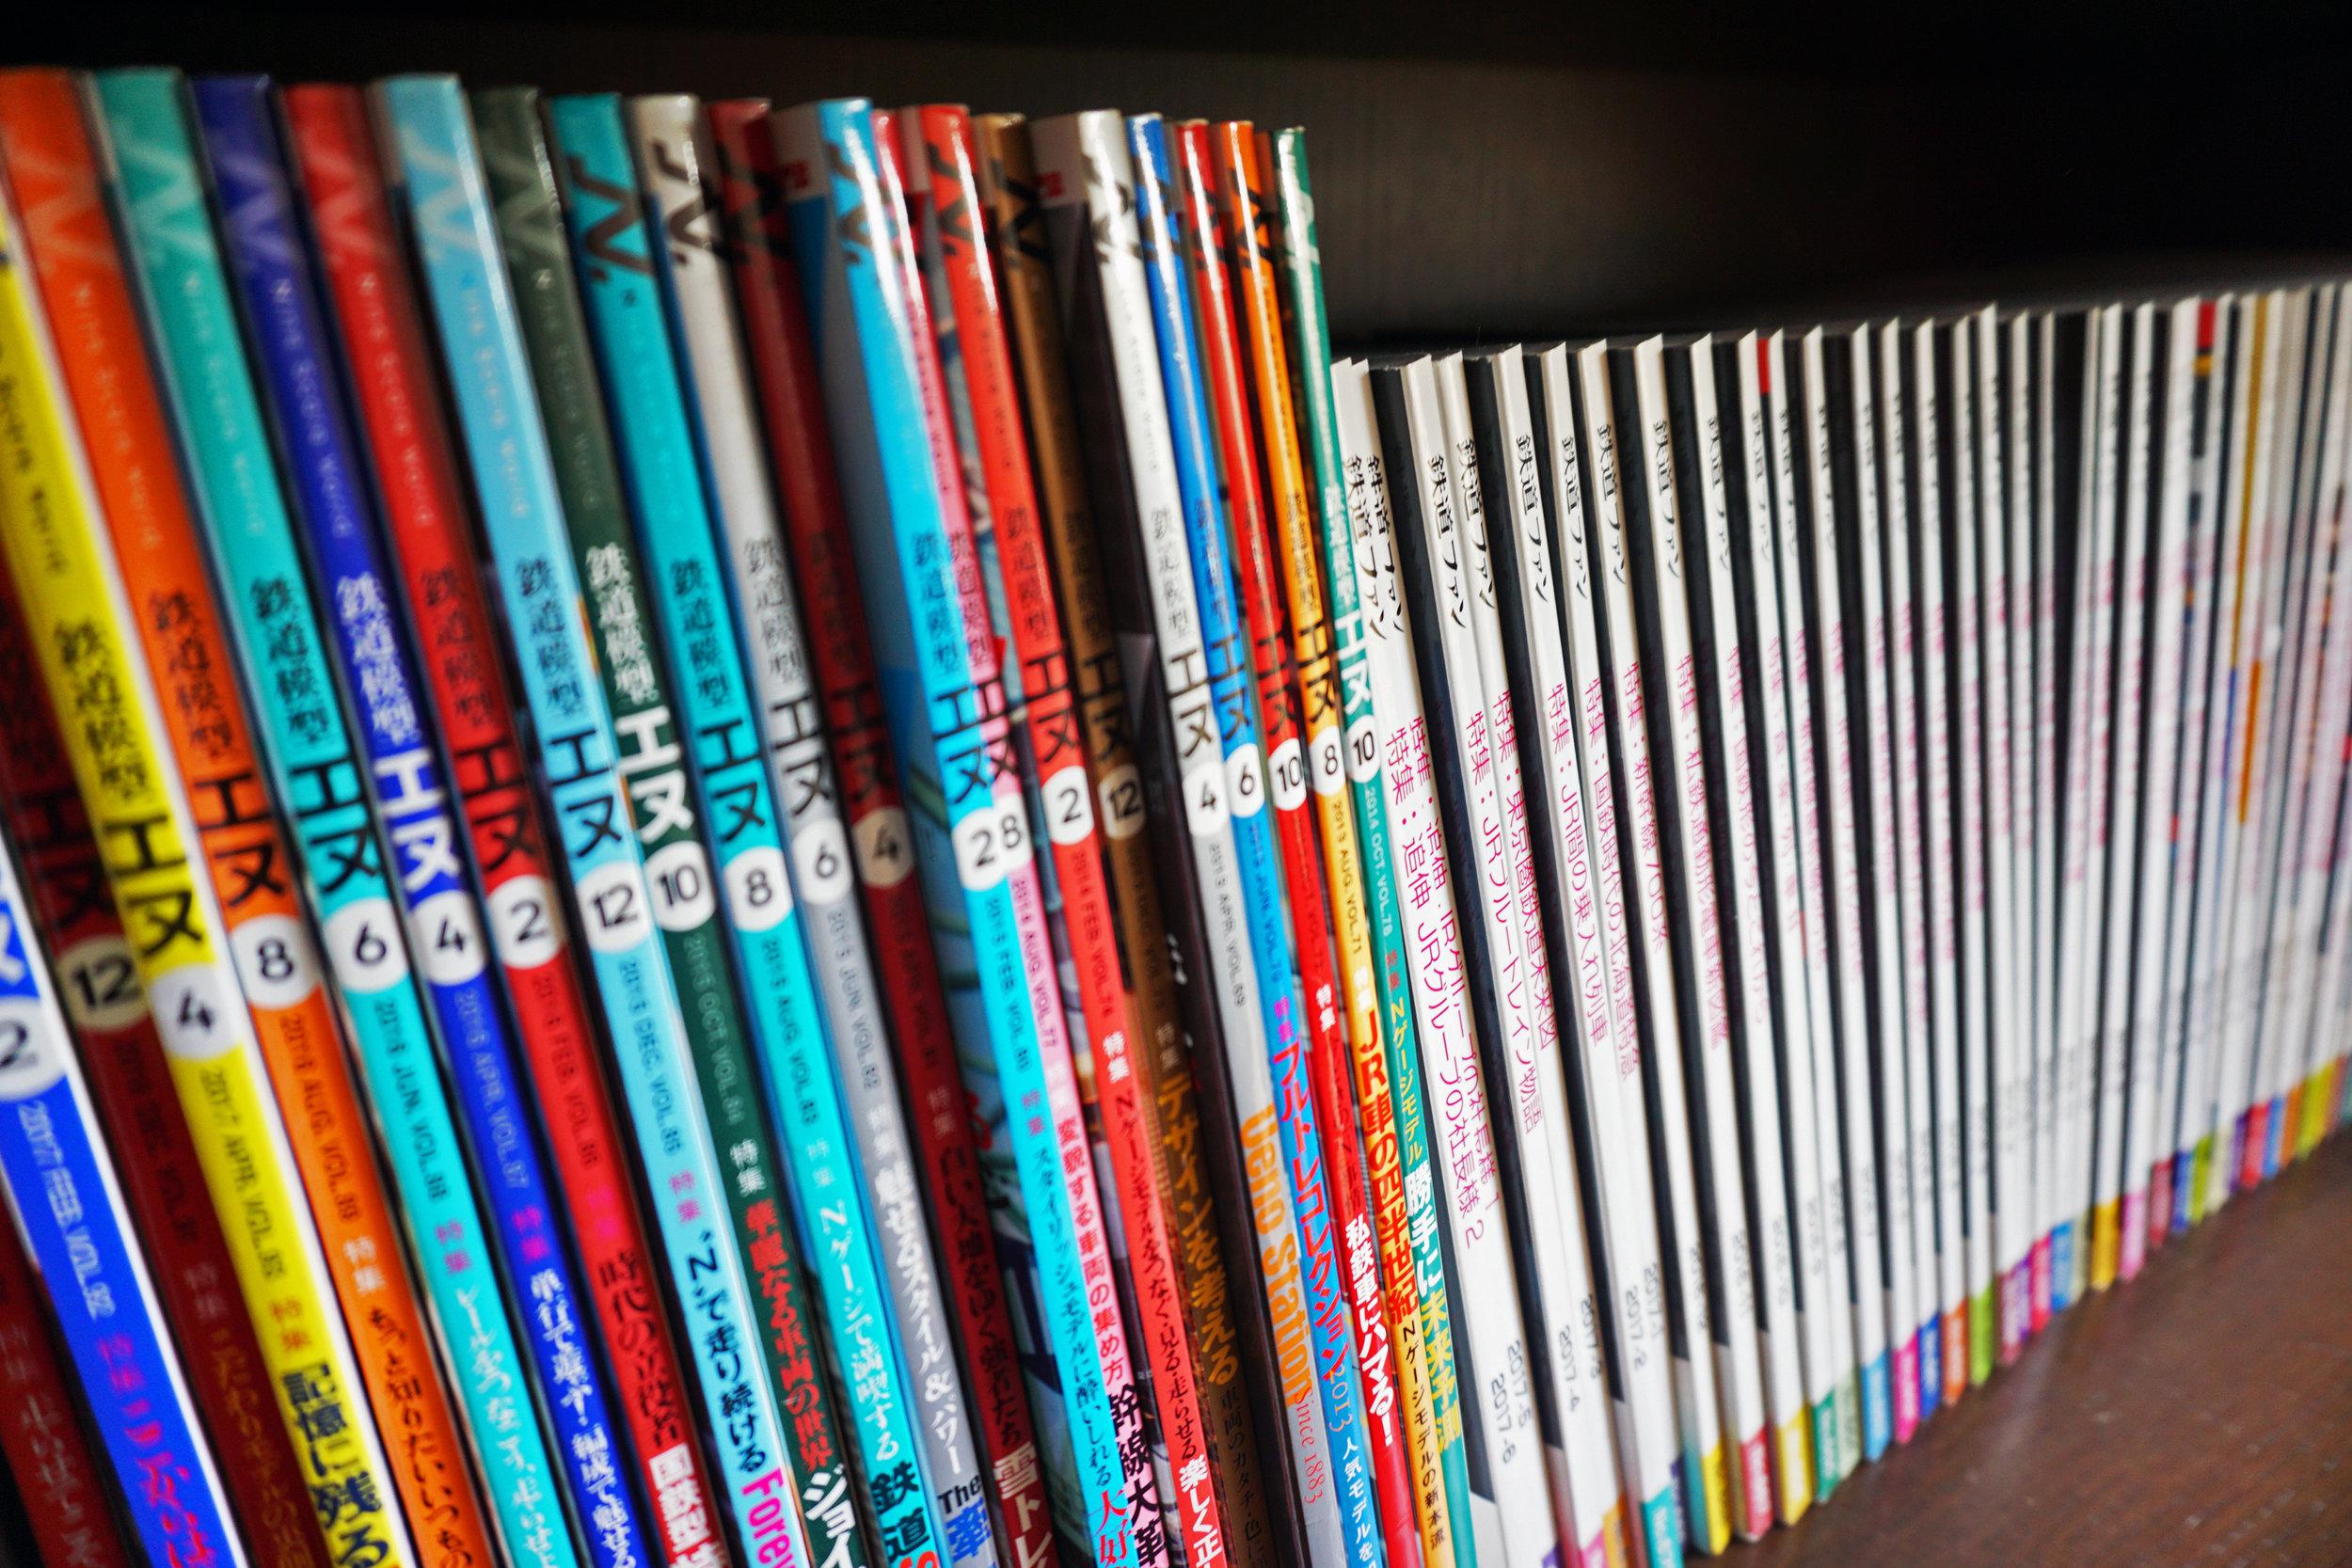 Akihabara Washington Hotel - Train Room Magazines.JPG